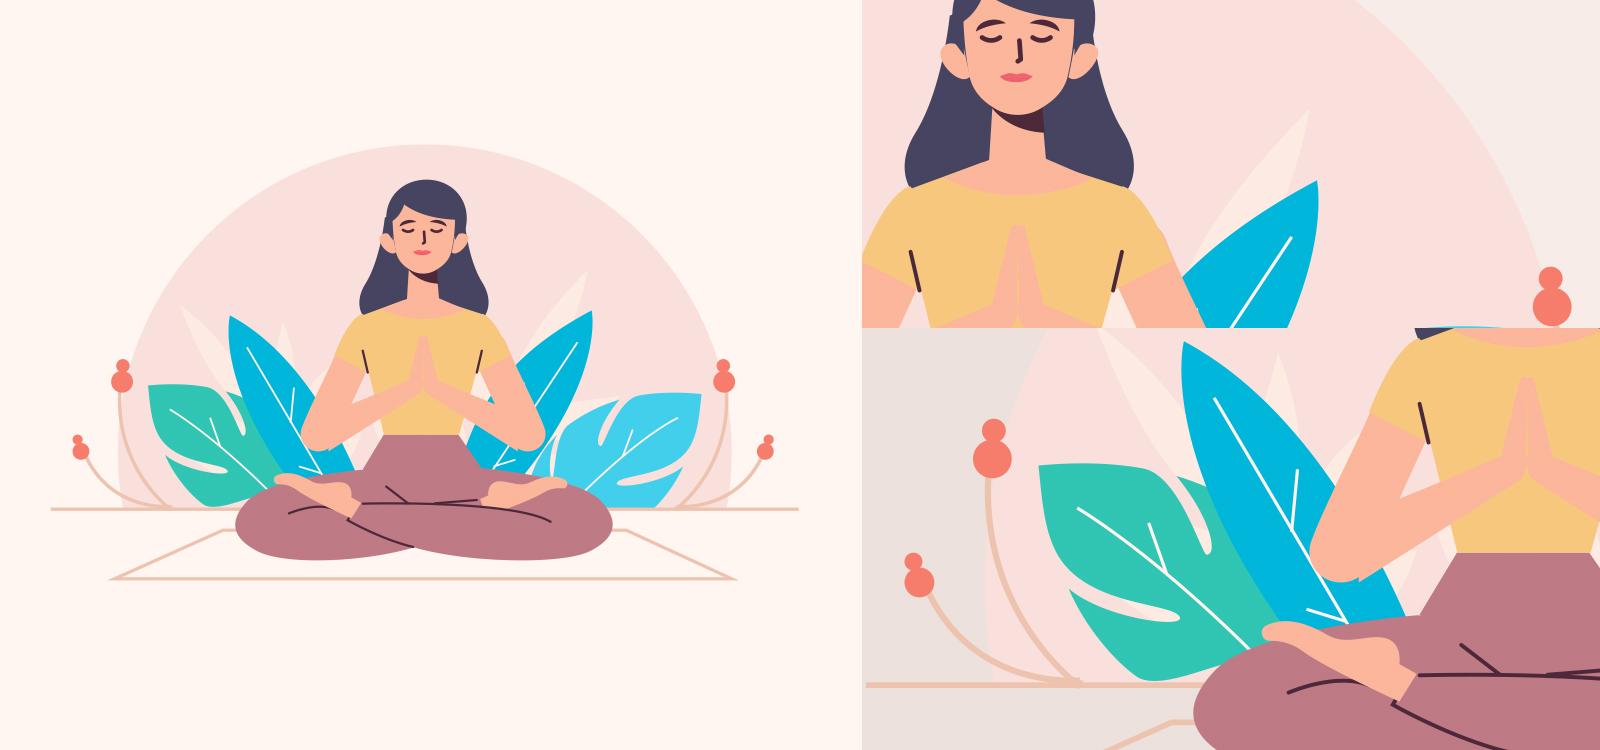 Meditation Illustration on sketchvalley.com/